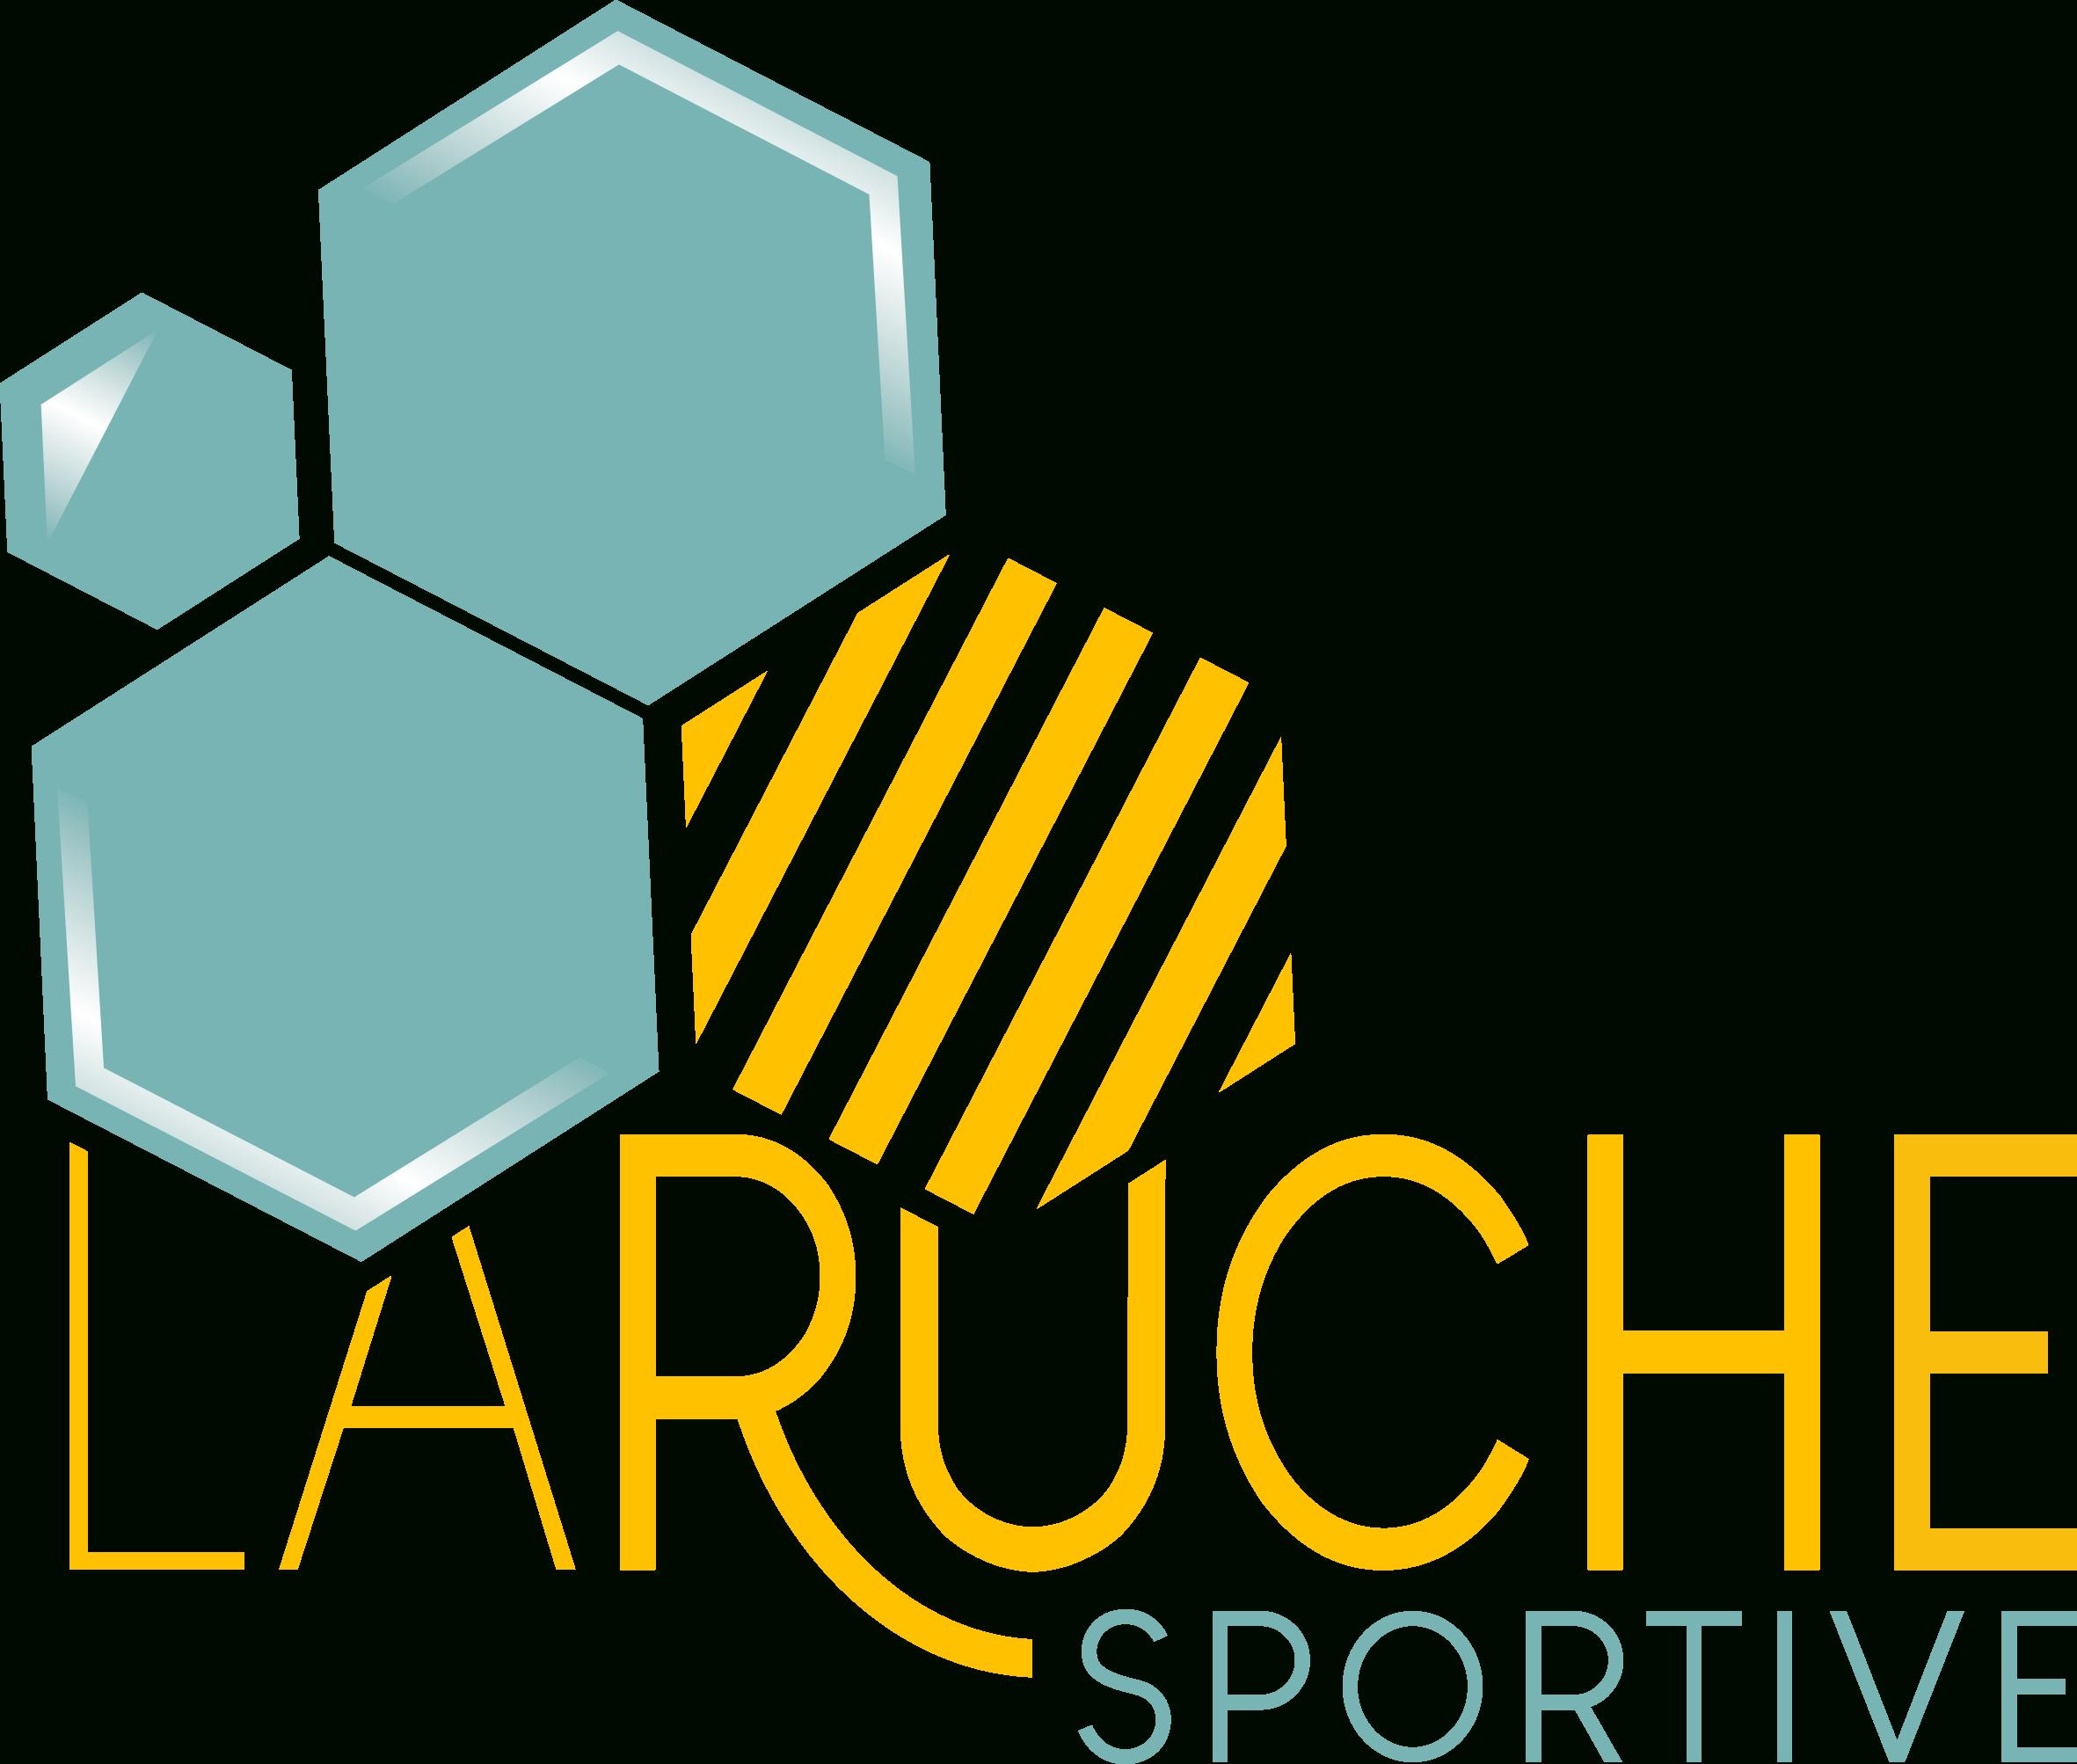 La Ruche Sportive   Ateliers Sportifs - Baby Gym tout Jeux Sportifs 6 12 Ans